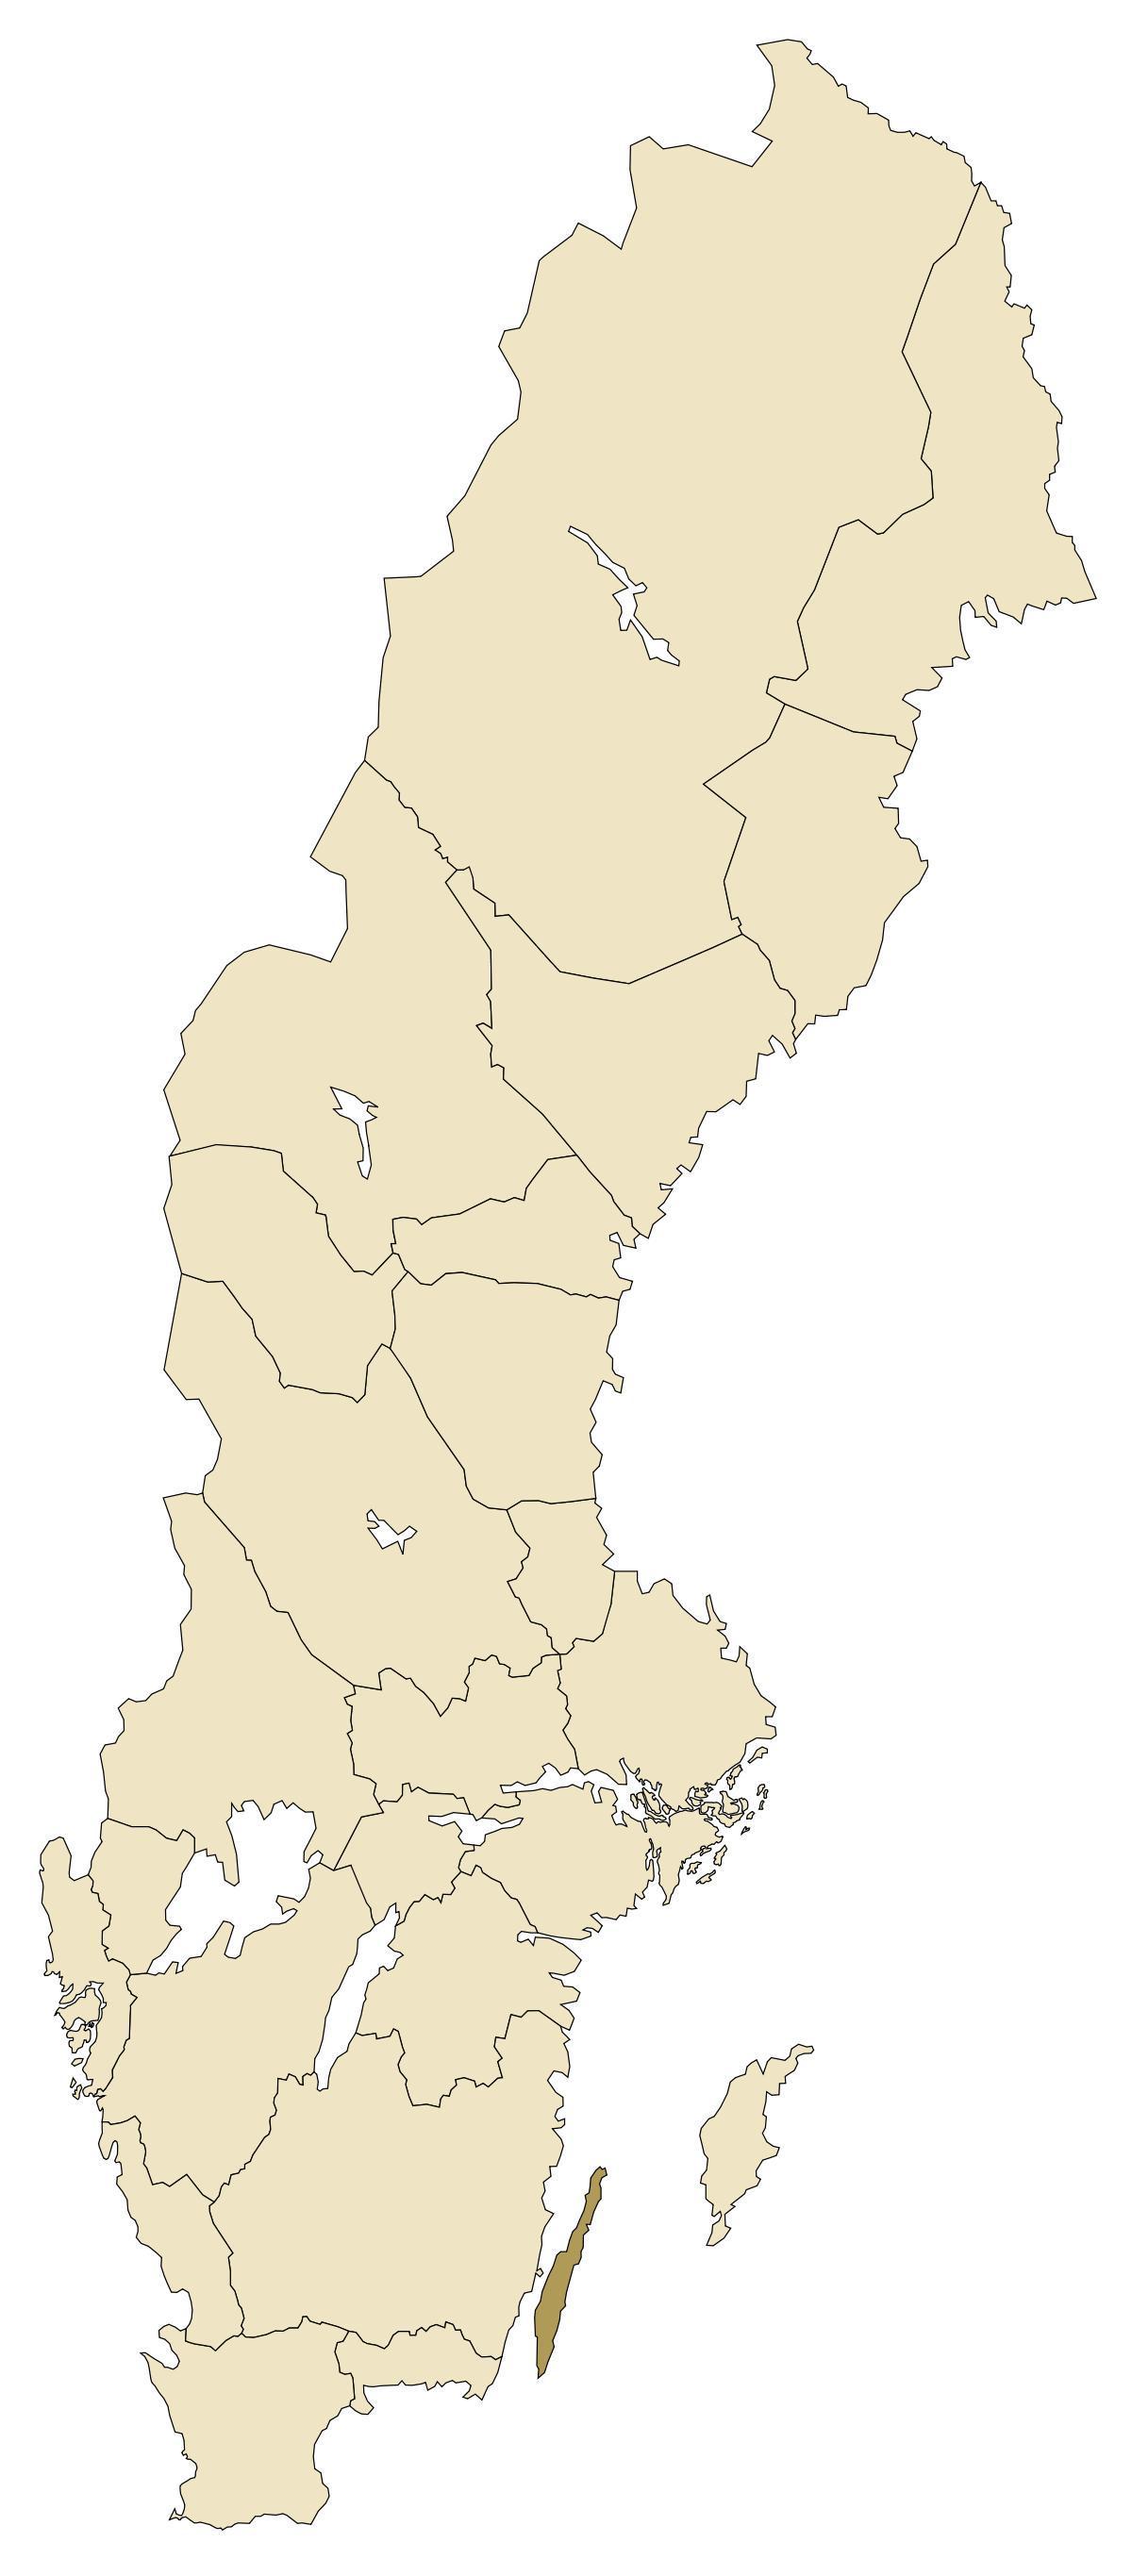 Oolannista Ruotsi Kartta Kartta Oolannista Ruotsi Pohjois